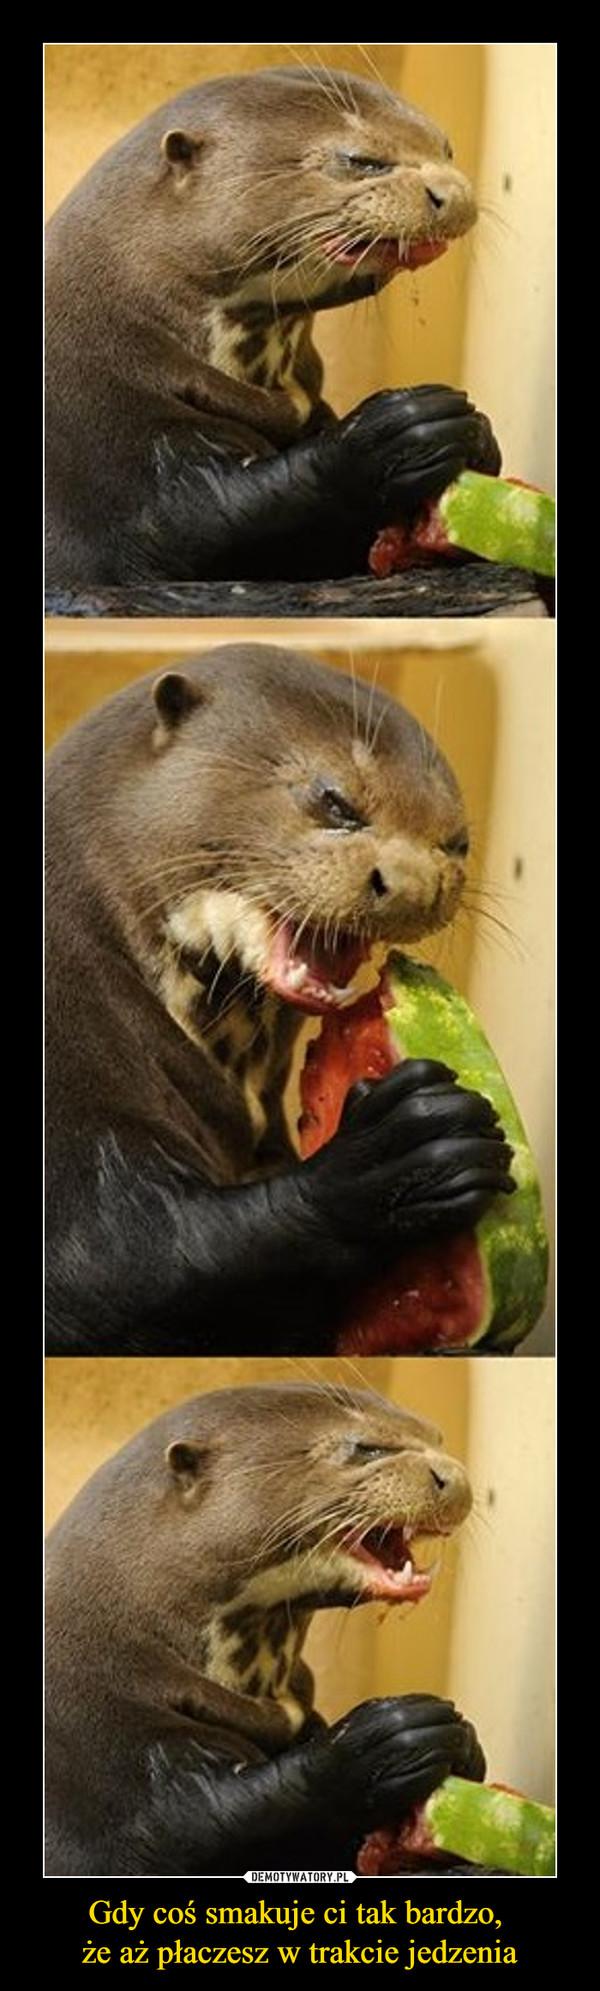 Gdy coś smakuje ci tak bardzo, że aż płaczesz w trakcie jedzenia –